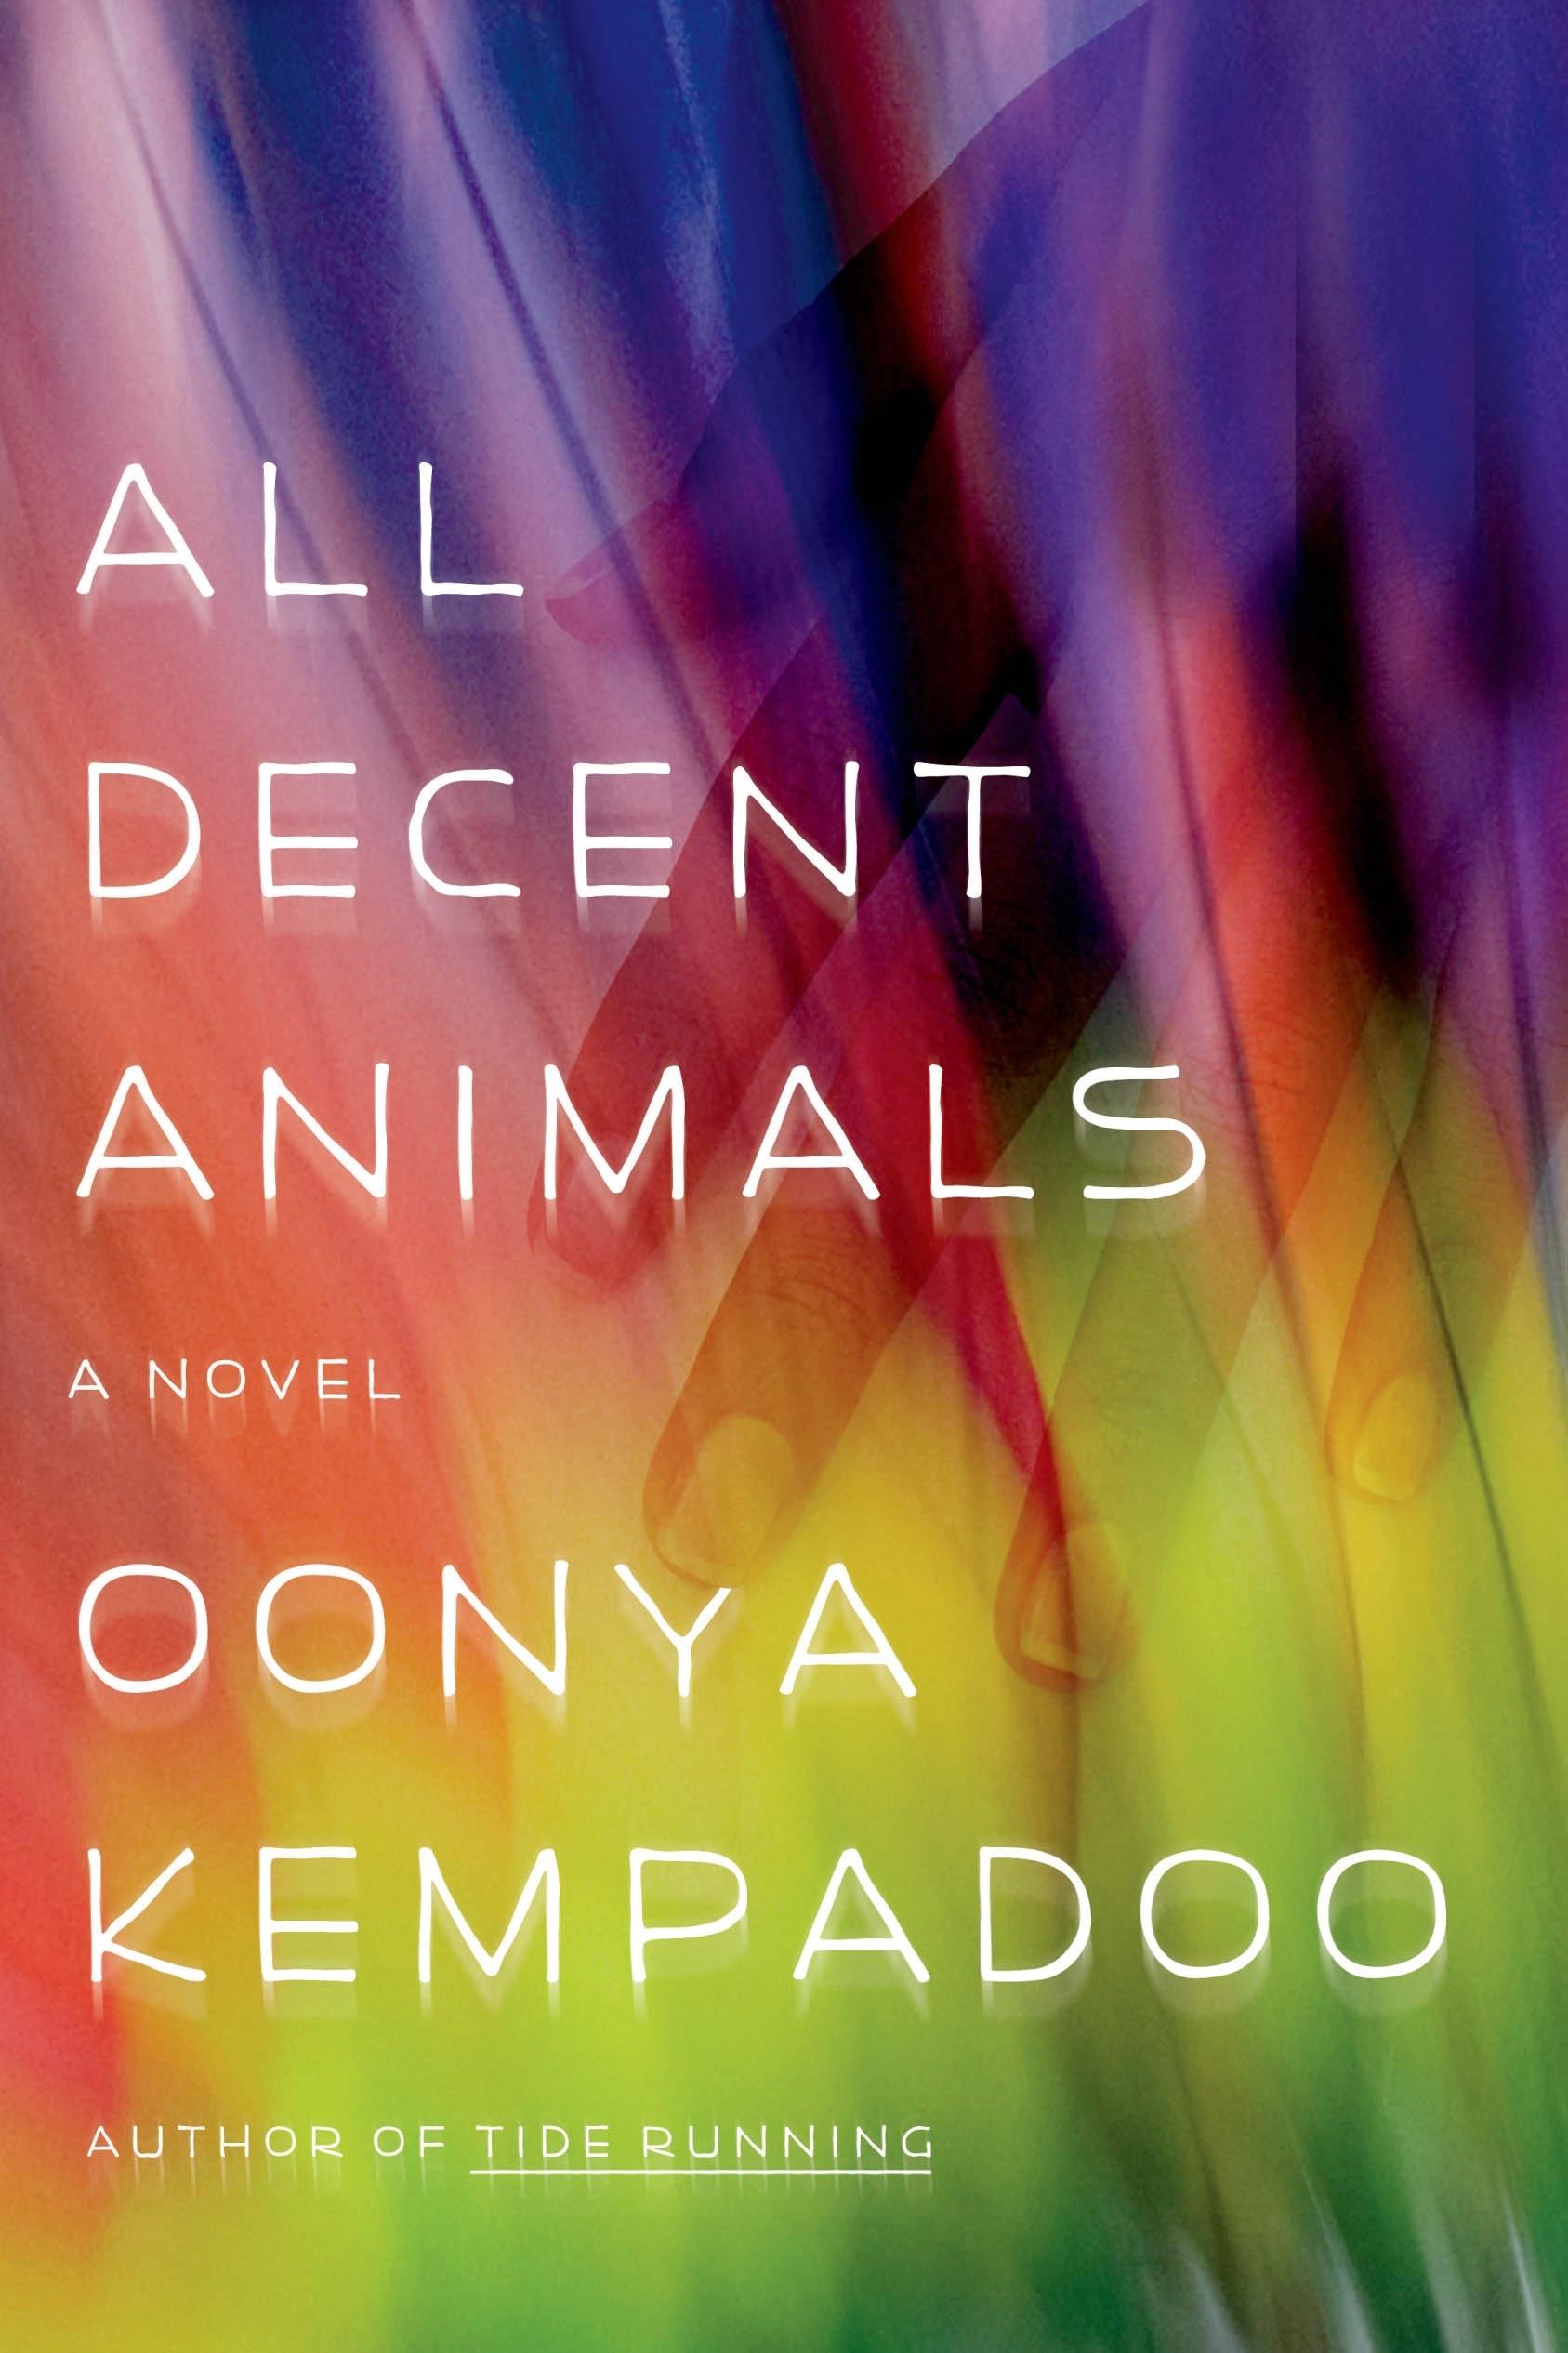 All Decent Animals A Novel